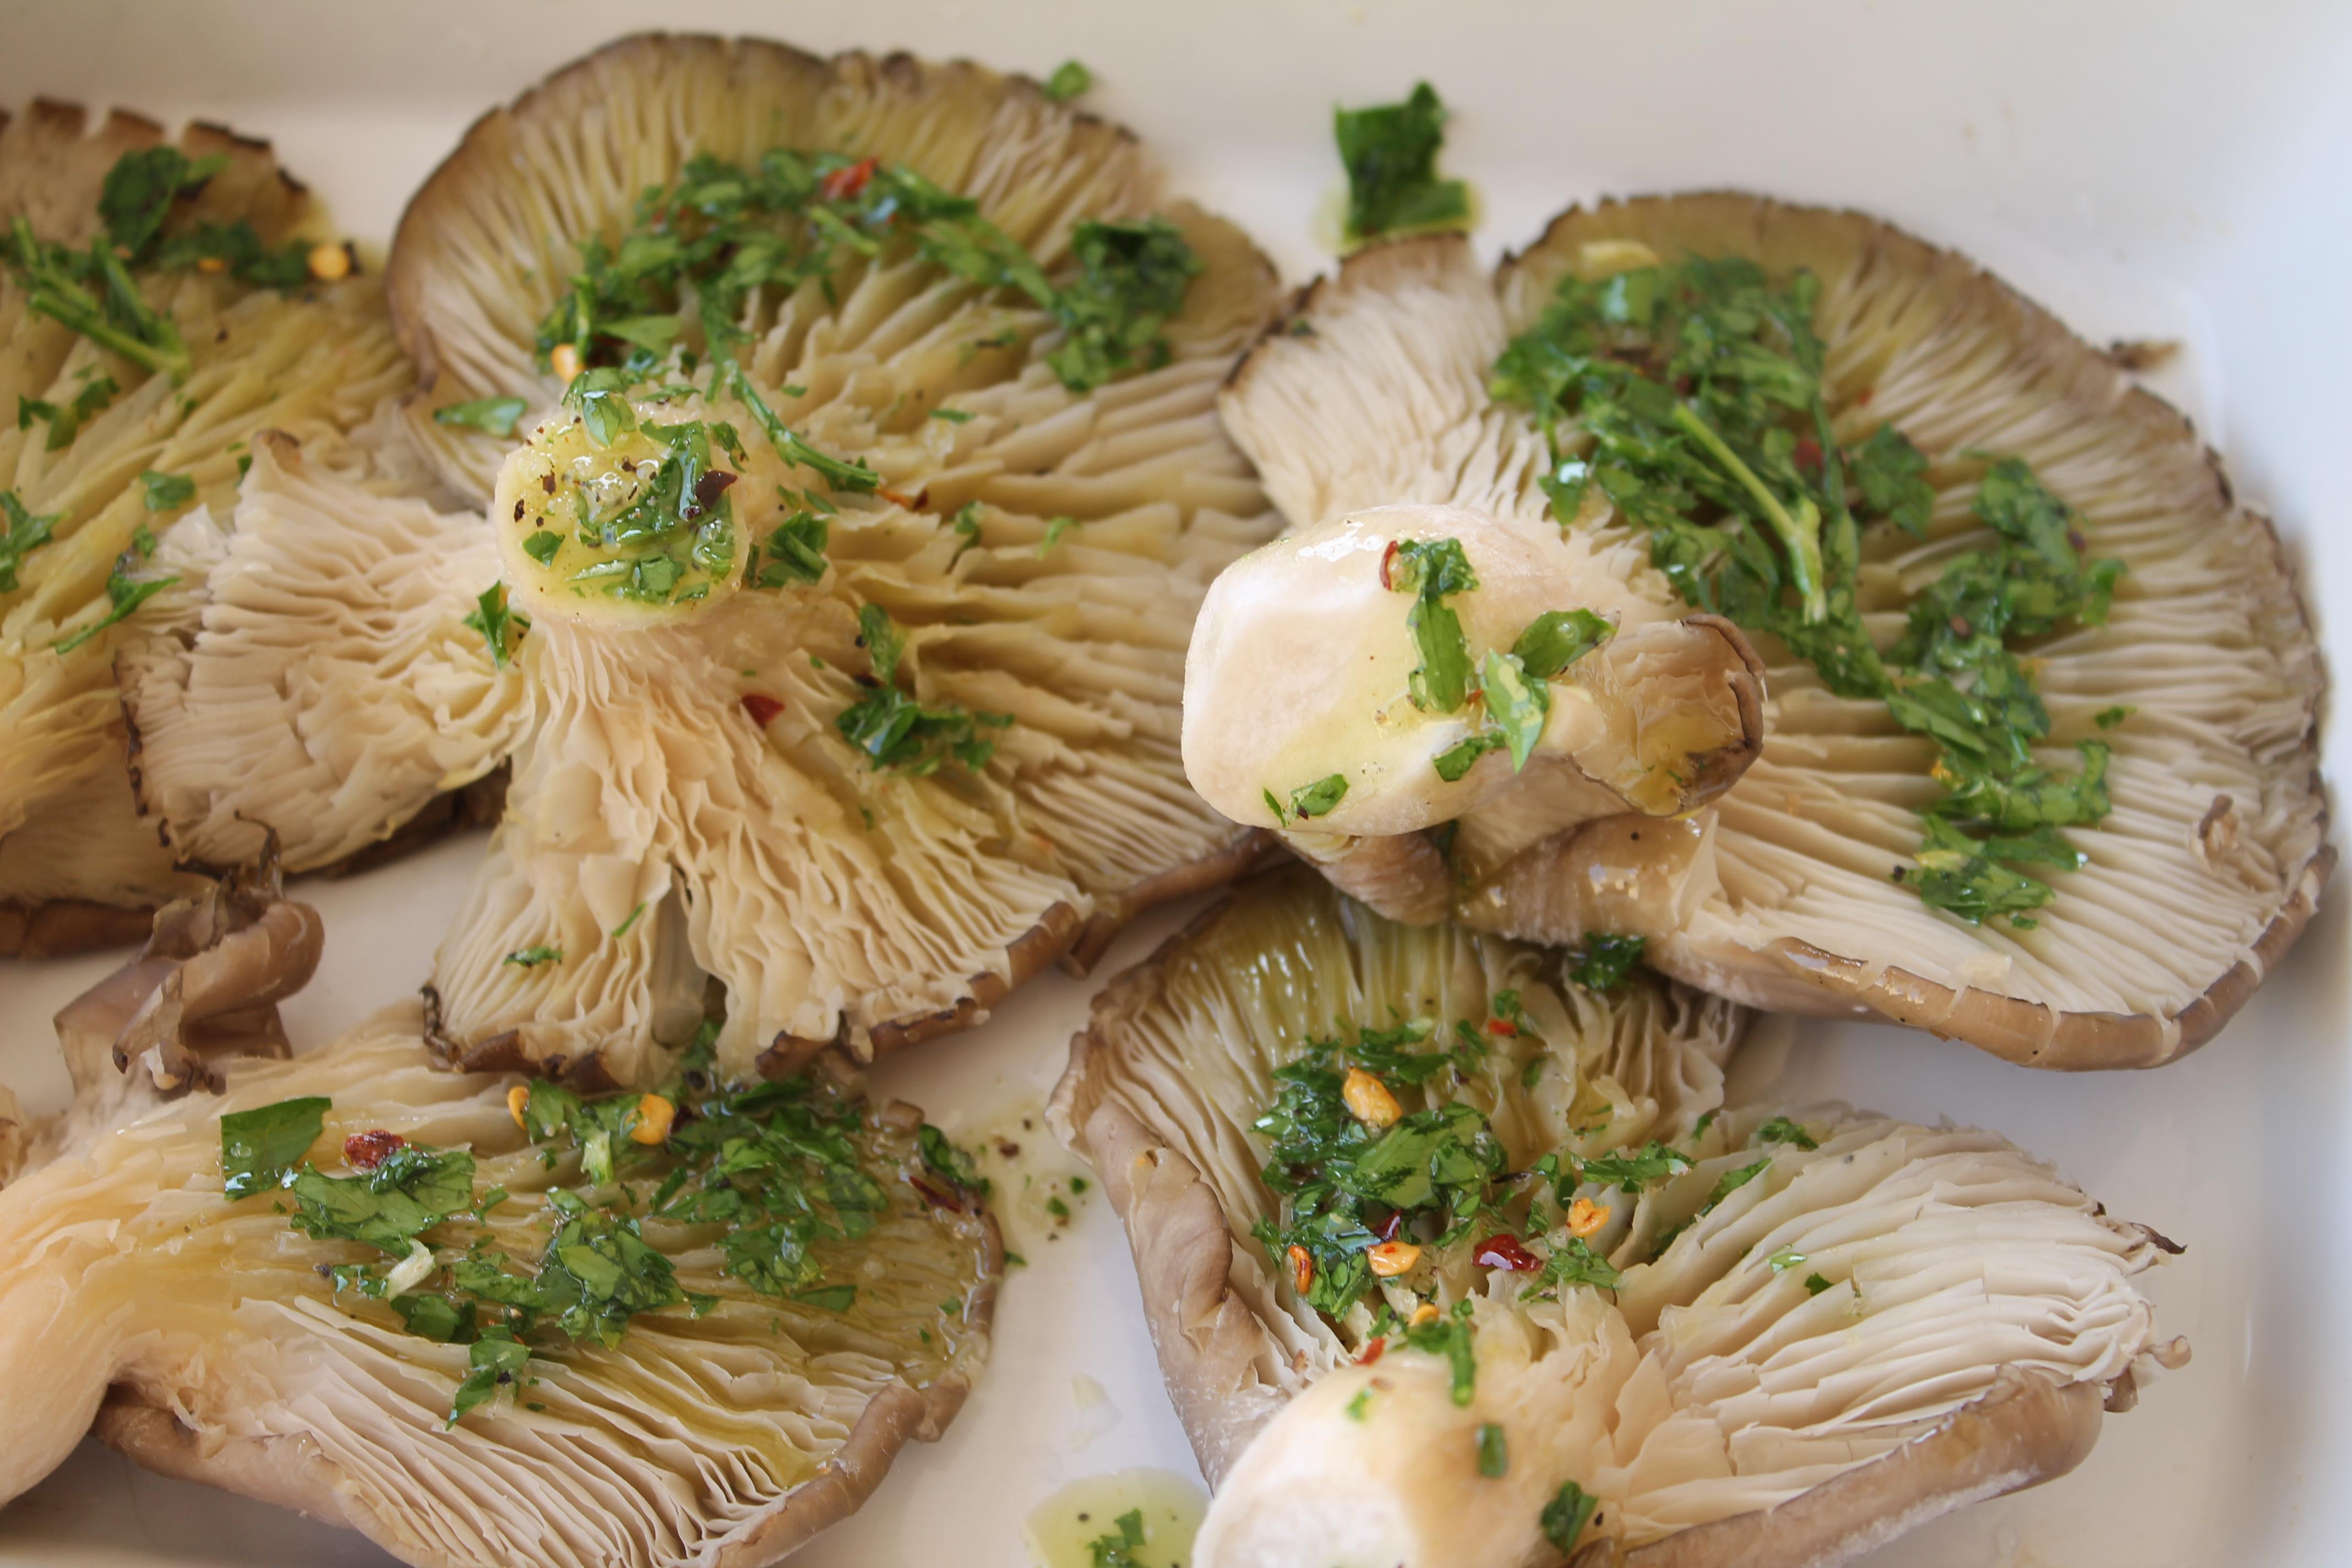 Funghi pleurotus al forno ricetta facile leggera e gustosa for Cucinare funghi